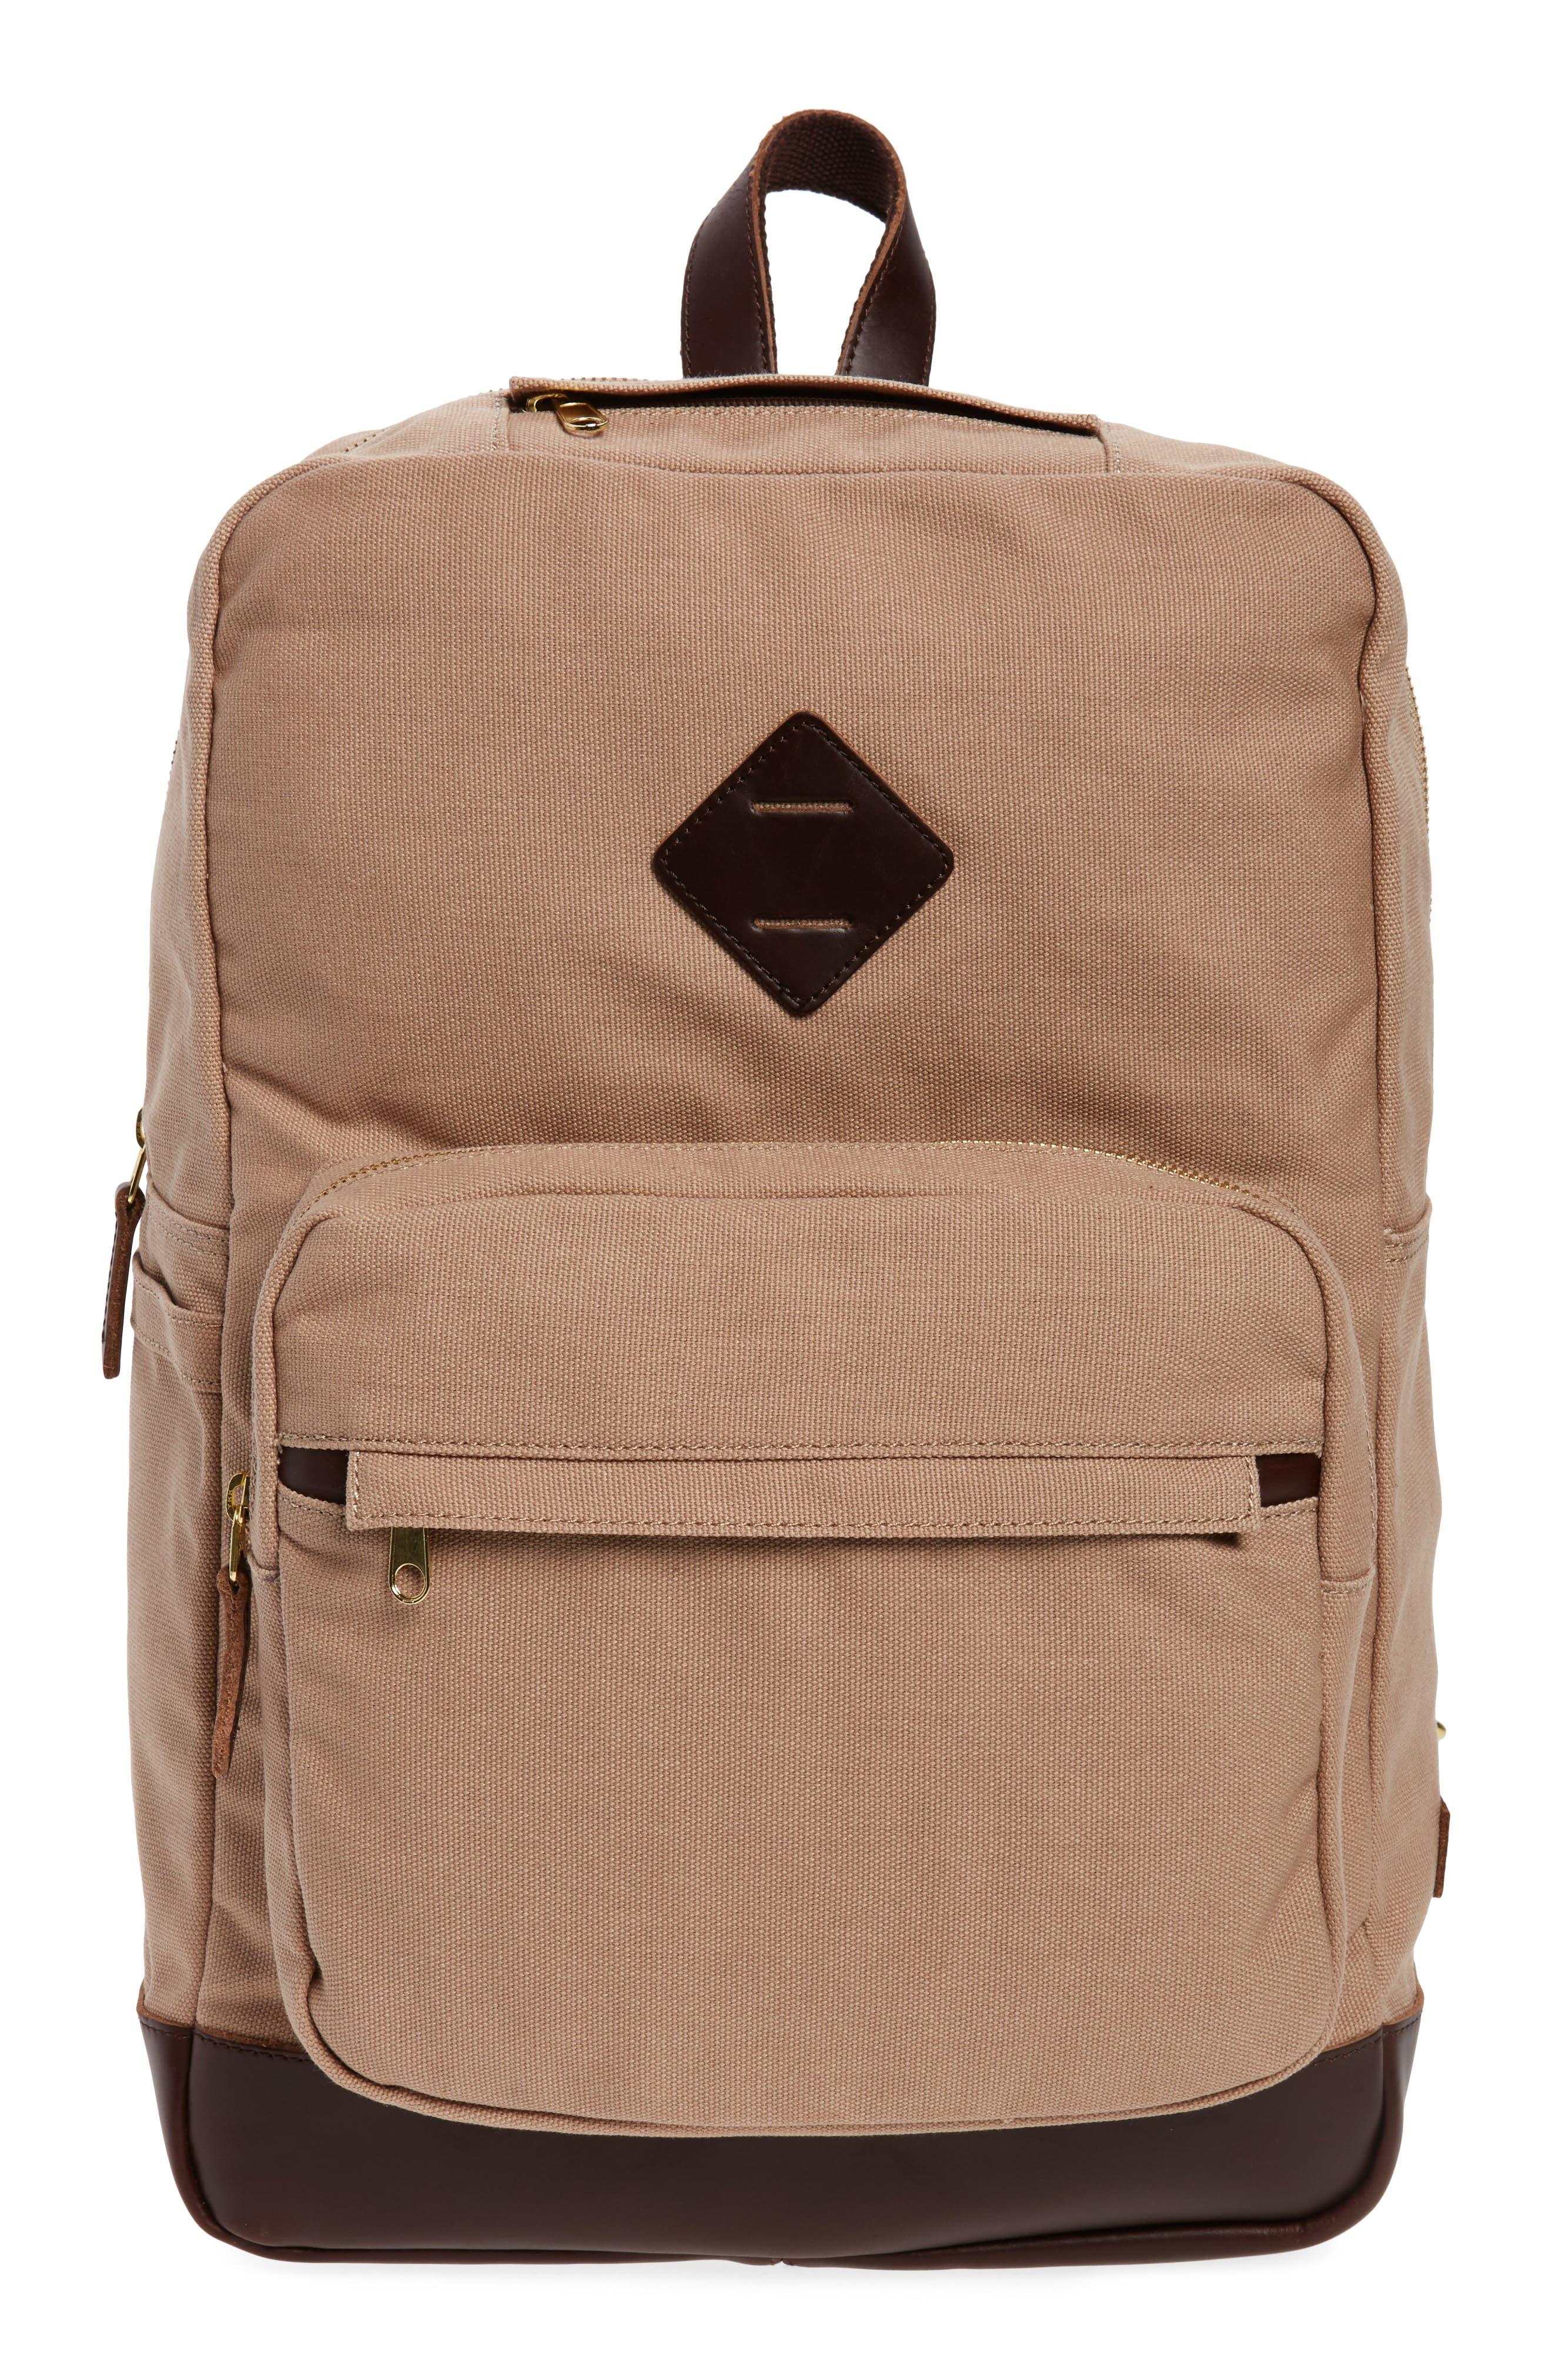 Hudderton Backpack,                             Main thumbnail 1, color,                             250